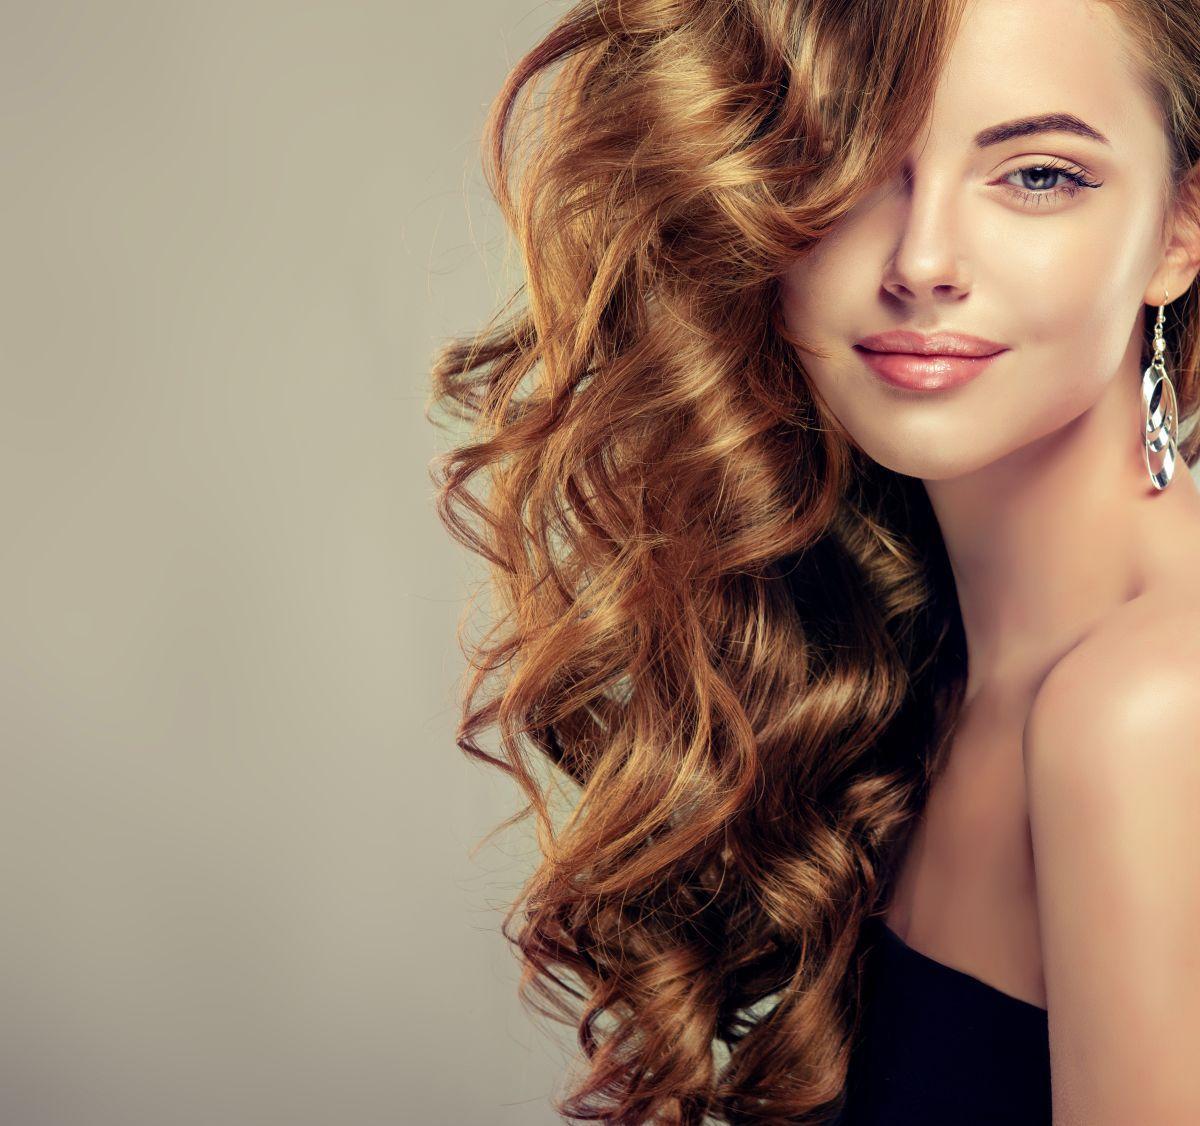 I capelli sani, sono anche più belli!